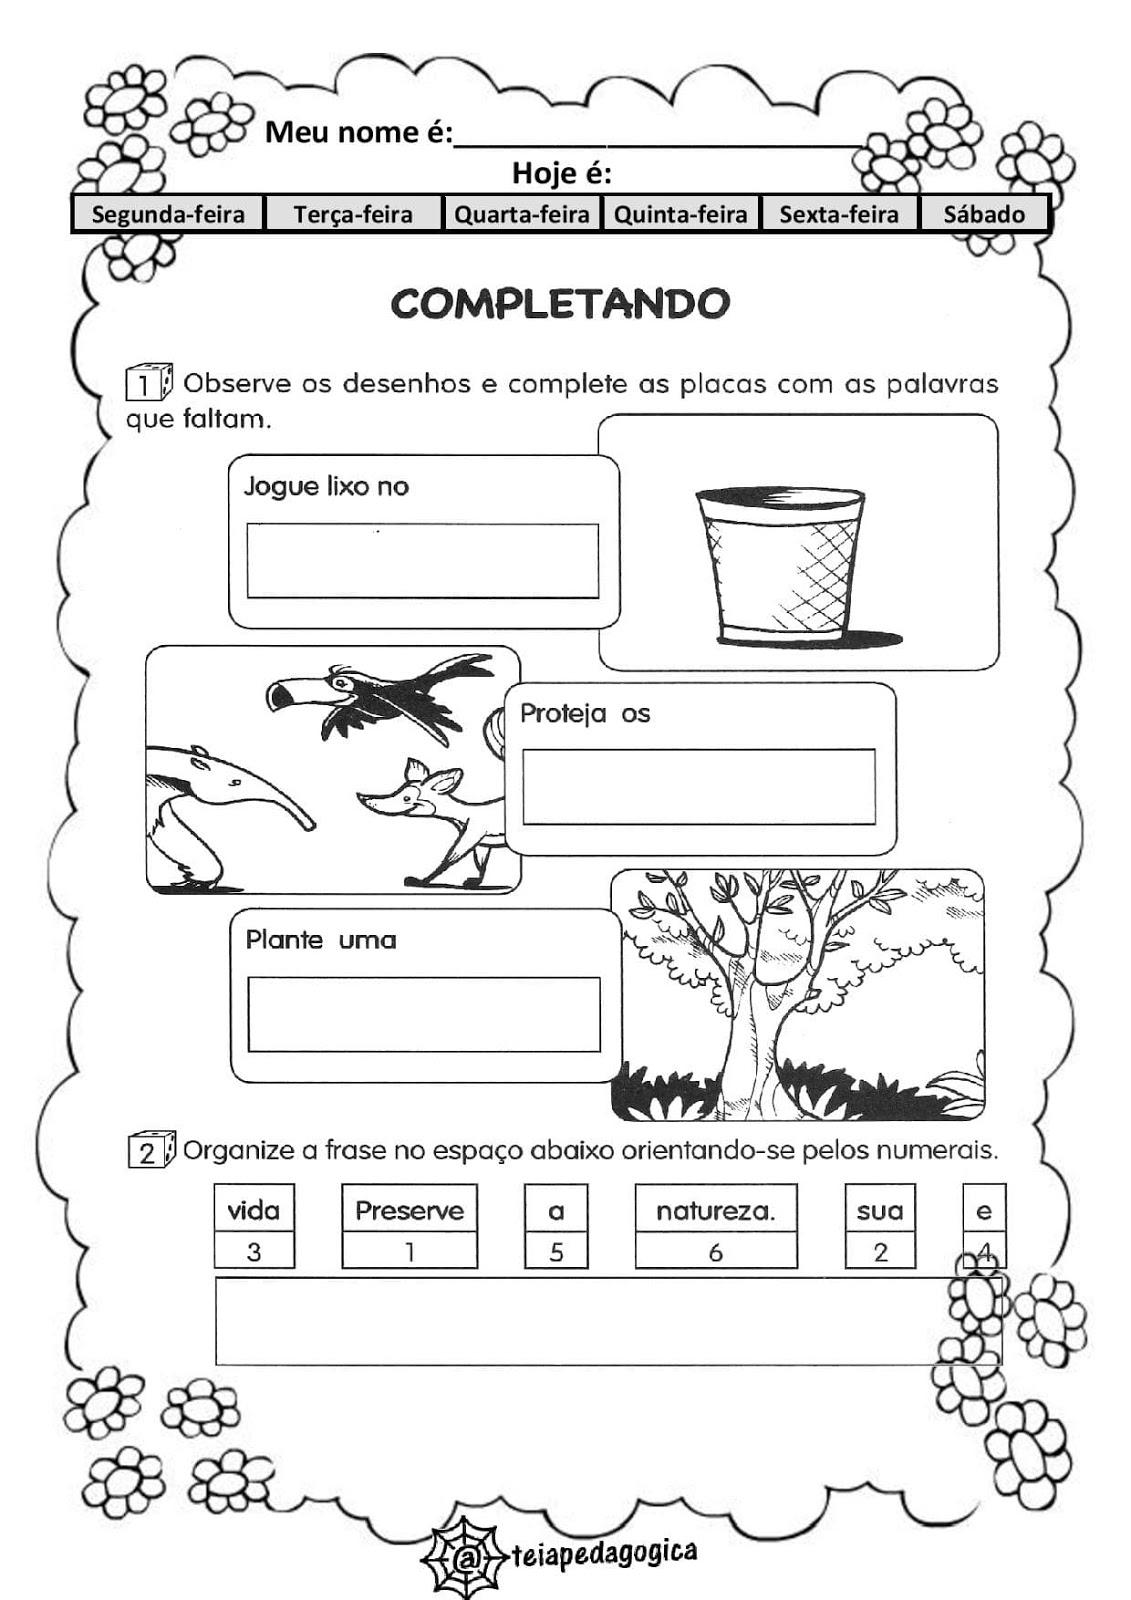 Caderno%2BMeio%2Bambiente%2BA%2BARVORE%2BGENEROSA-page-017-min Atividades sobre Meio Ambiente